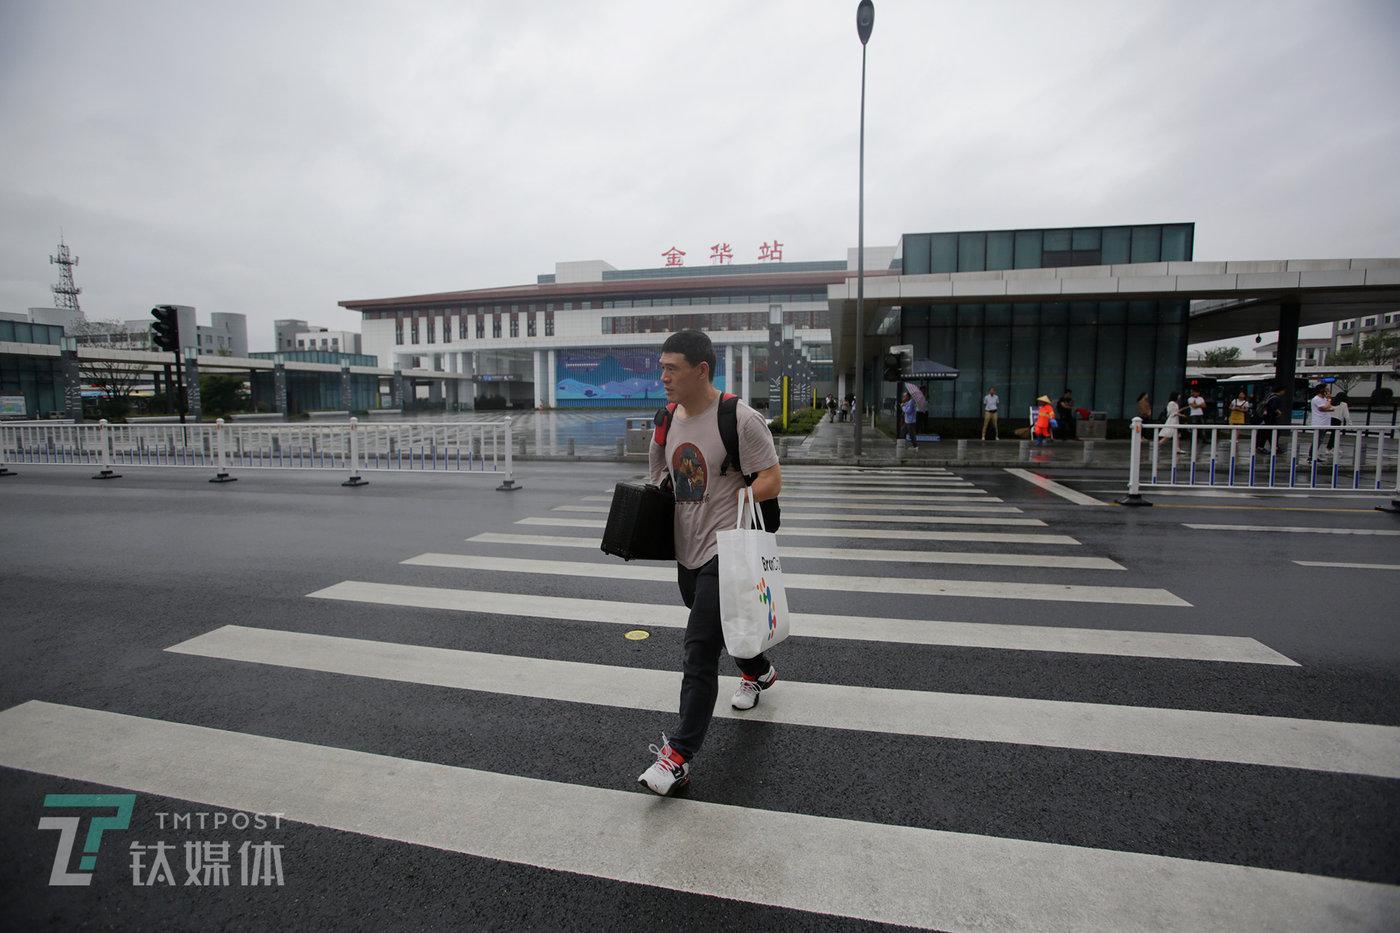 6月19日,结束了杭州双创周活动的倪敏成回到金华。